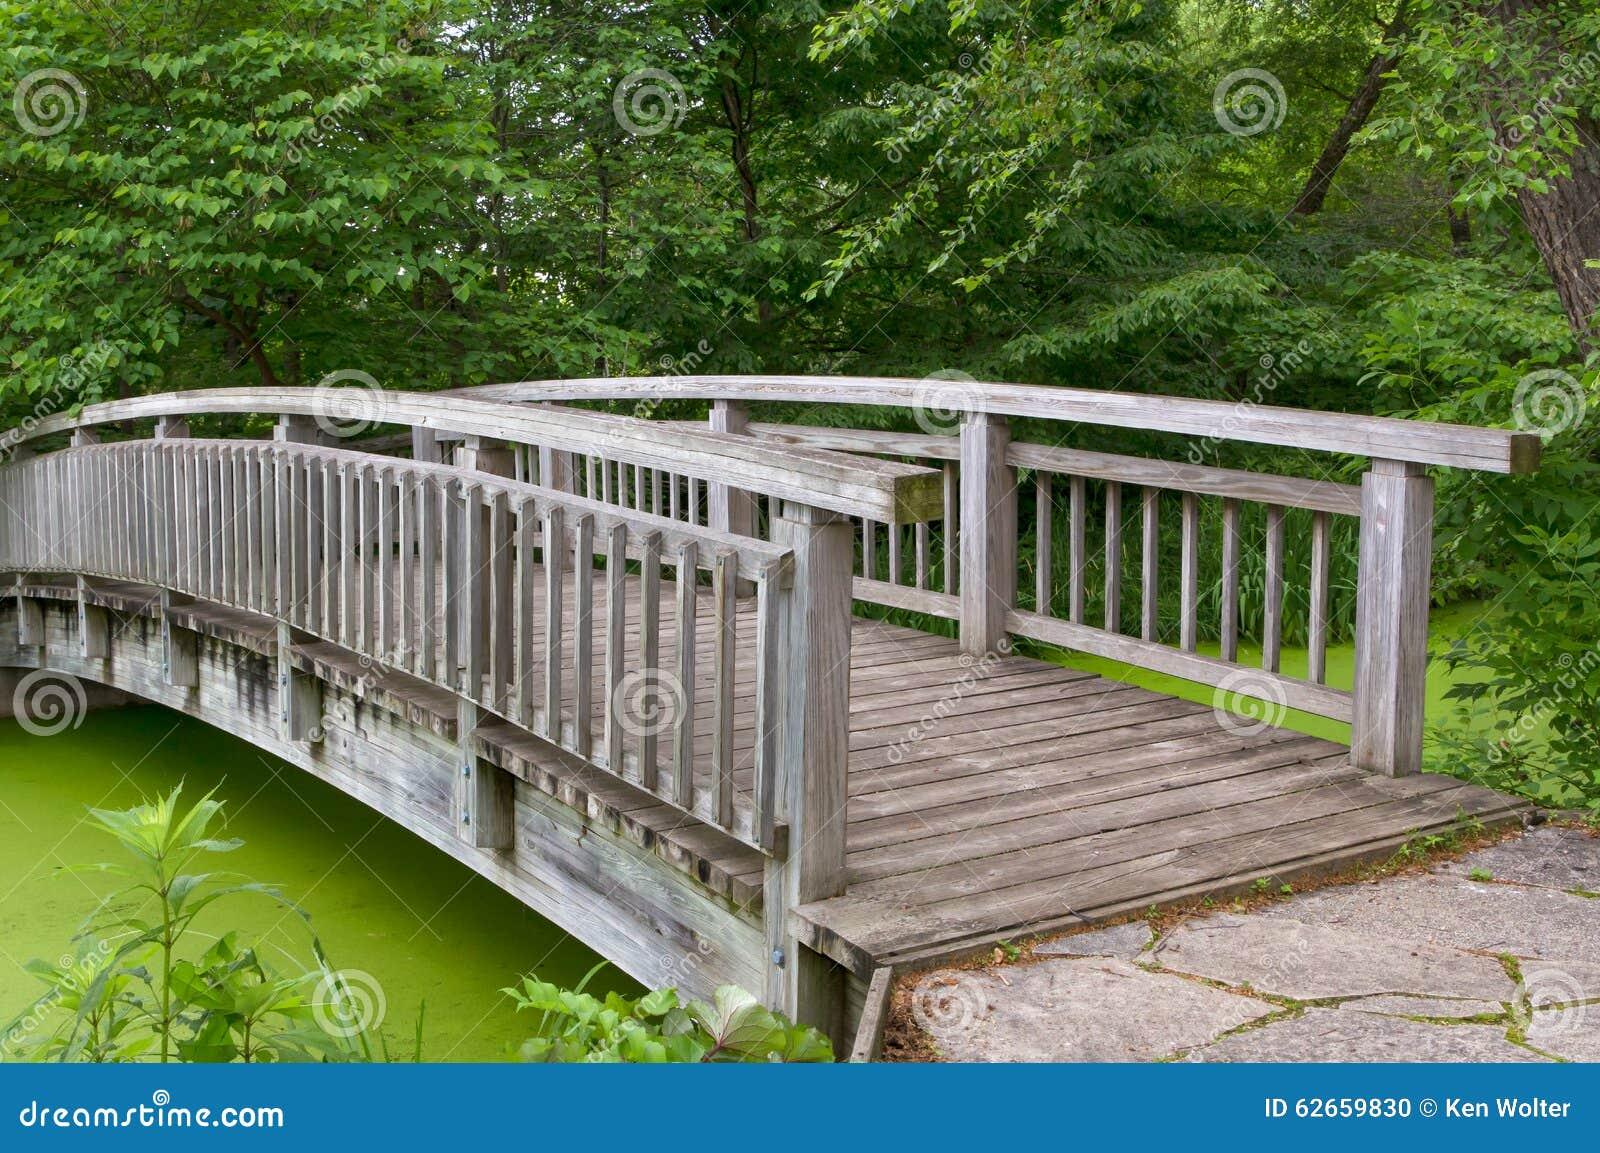 pont en bois au dessus d 39 tang photo stock image 62659830. Black Bedroom Furniture Sets. Home Design Ideas